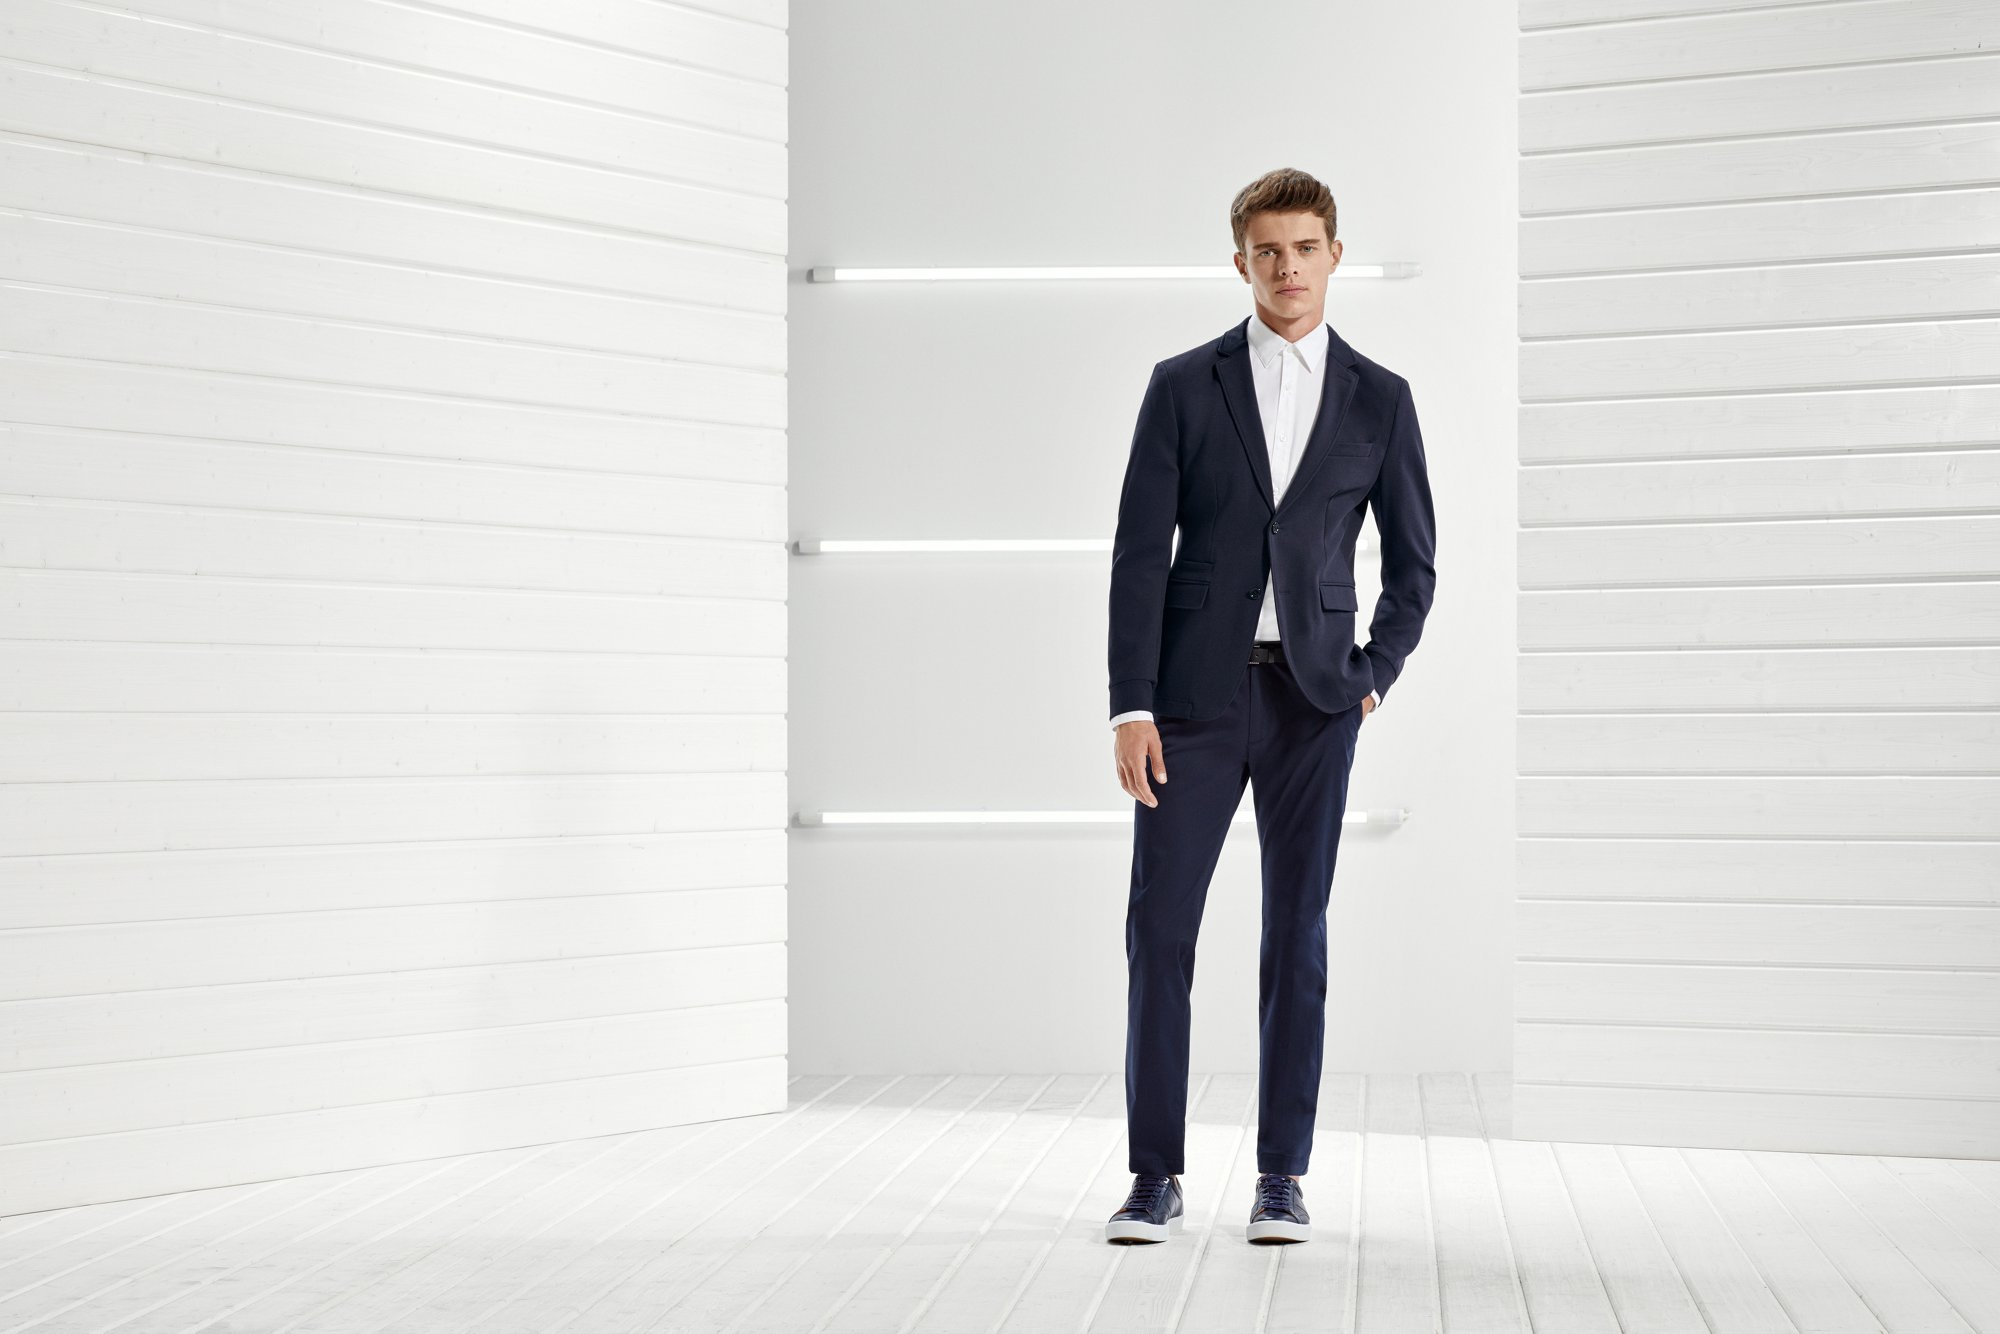 如果你下班后马上去酒吧约会,你的服装则肩负双重任务。 把你剪裁得当的BOSS外套穿上,放轻松,搭配一件简约的圆领运动衫,或一件明亮的配饰,让你从工作到约会都能成为焦点